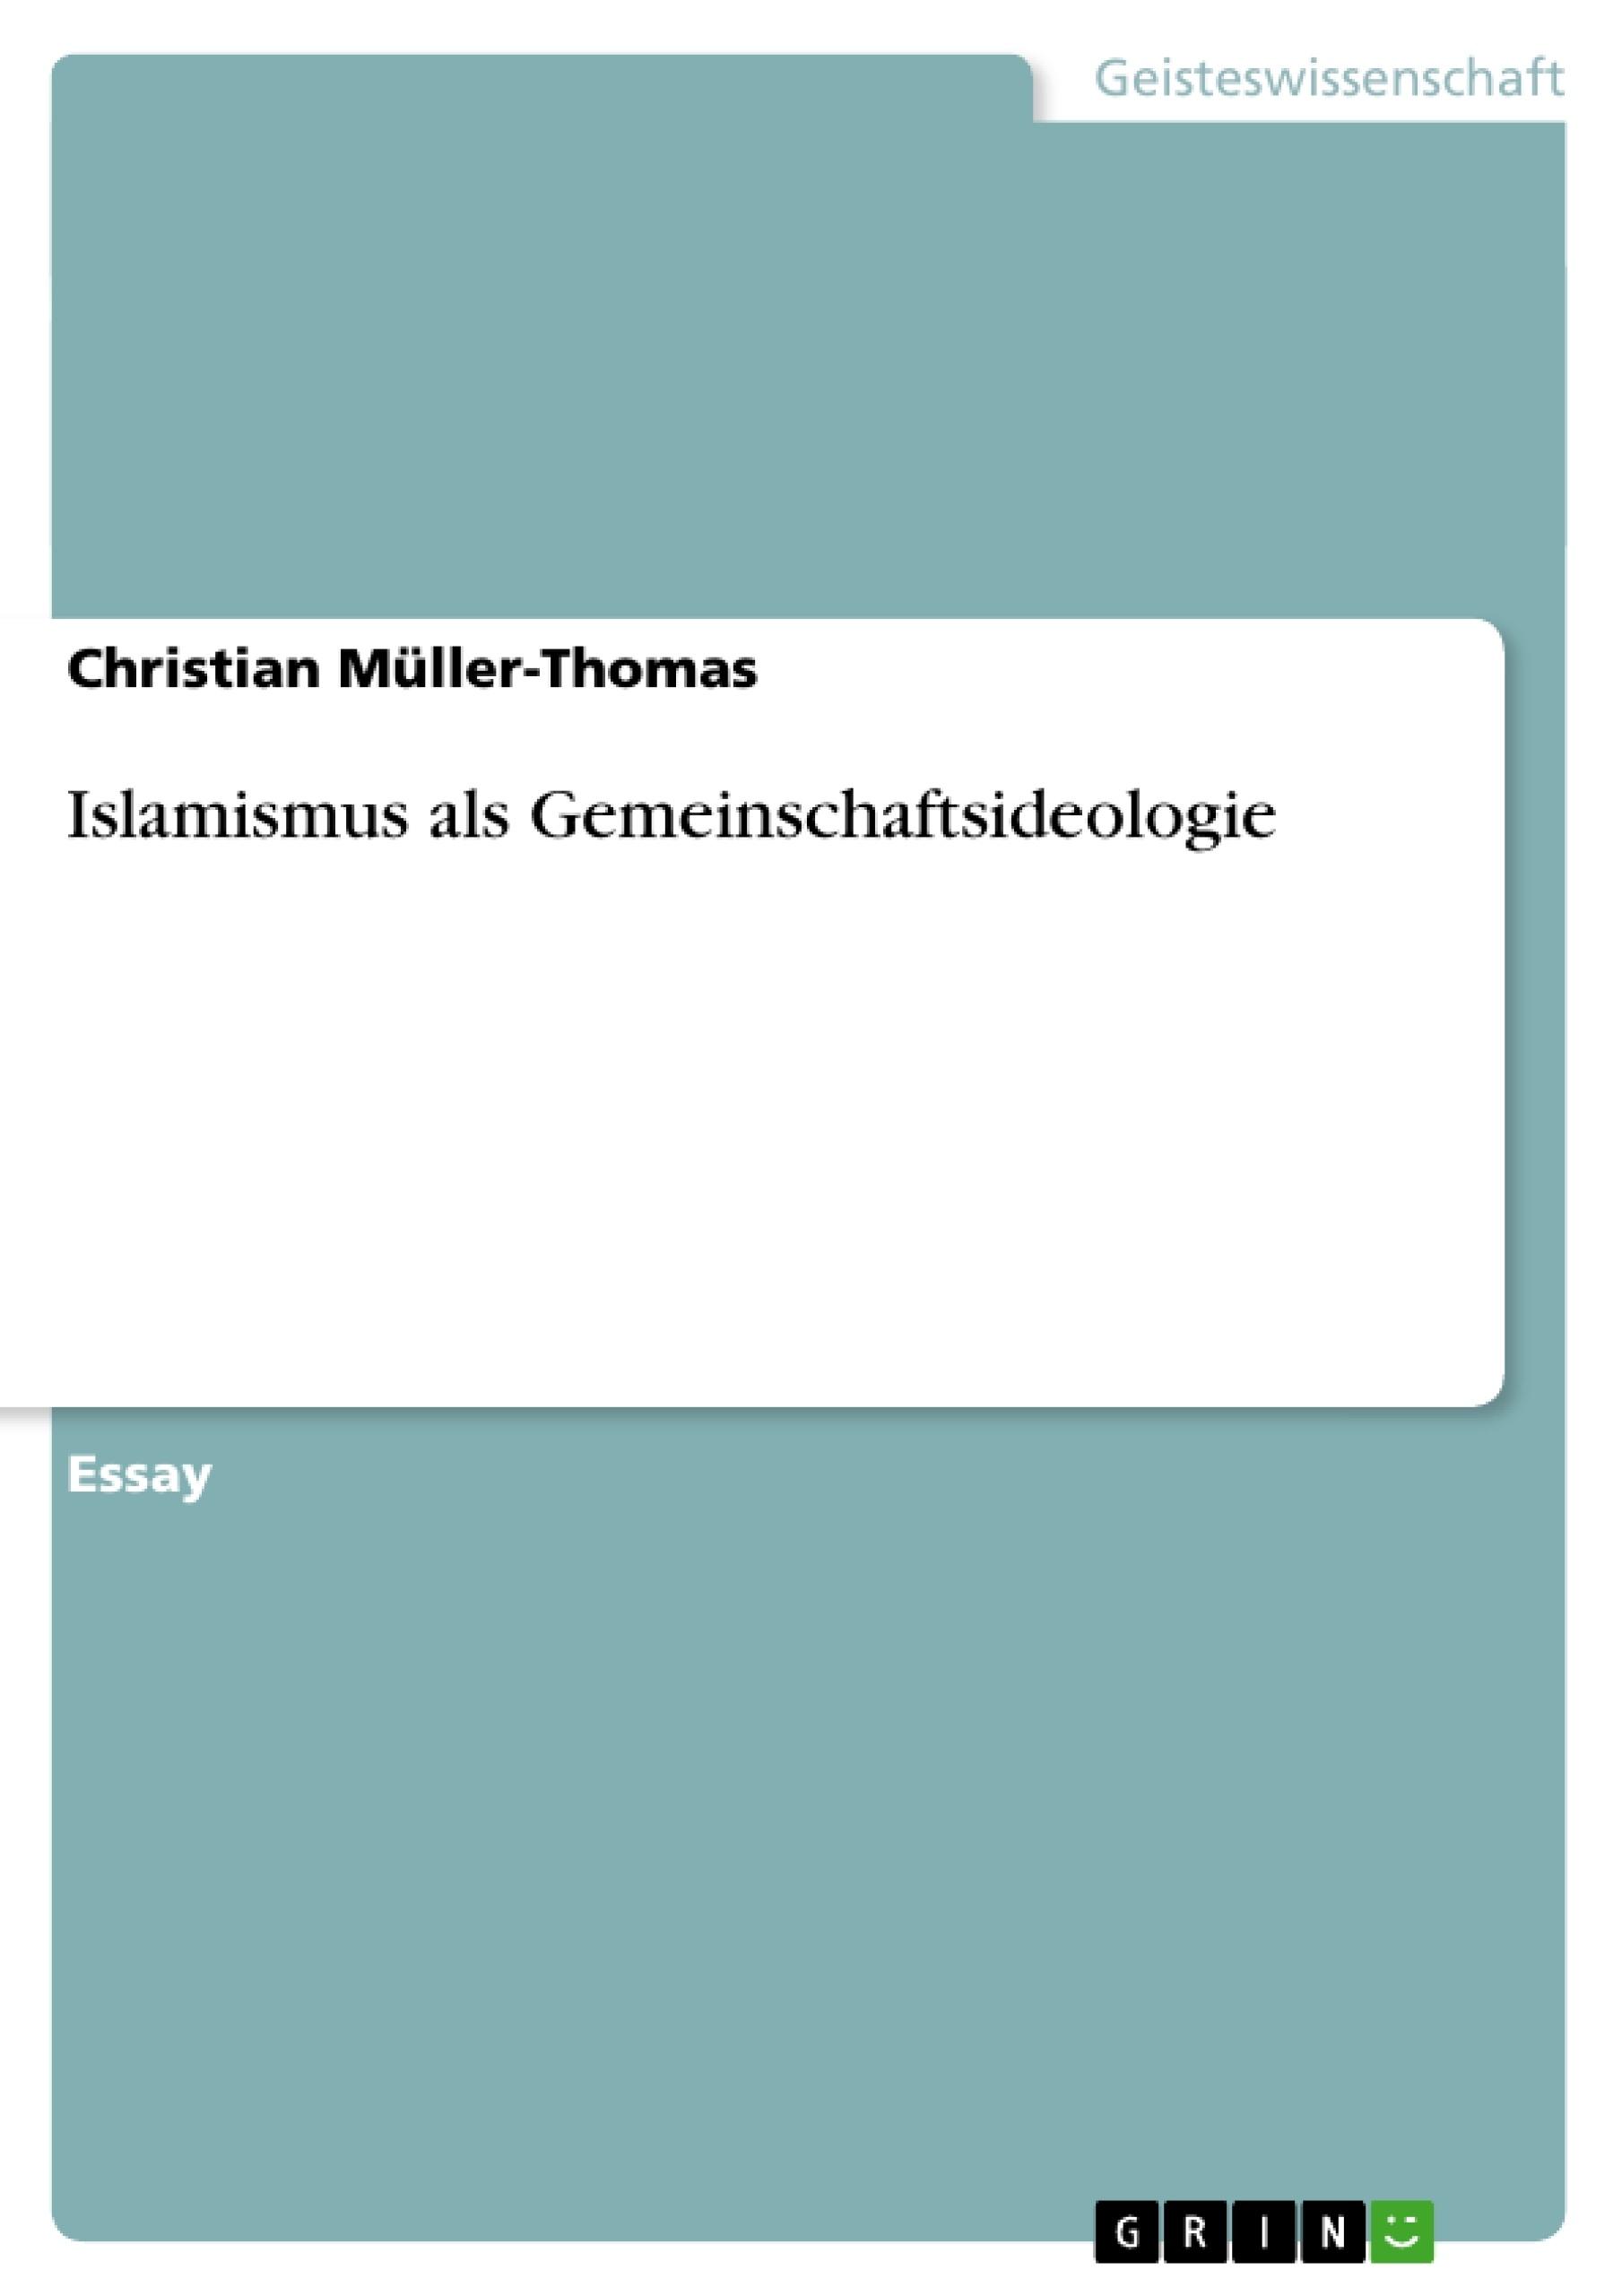 Titel: Islamismus als Gemeinschaftsideologie